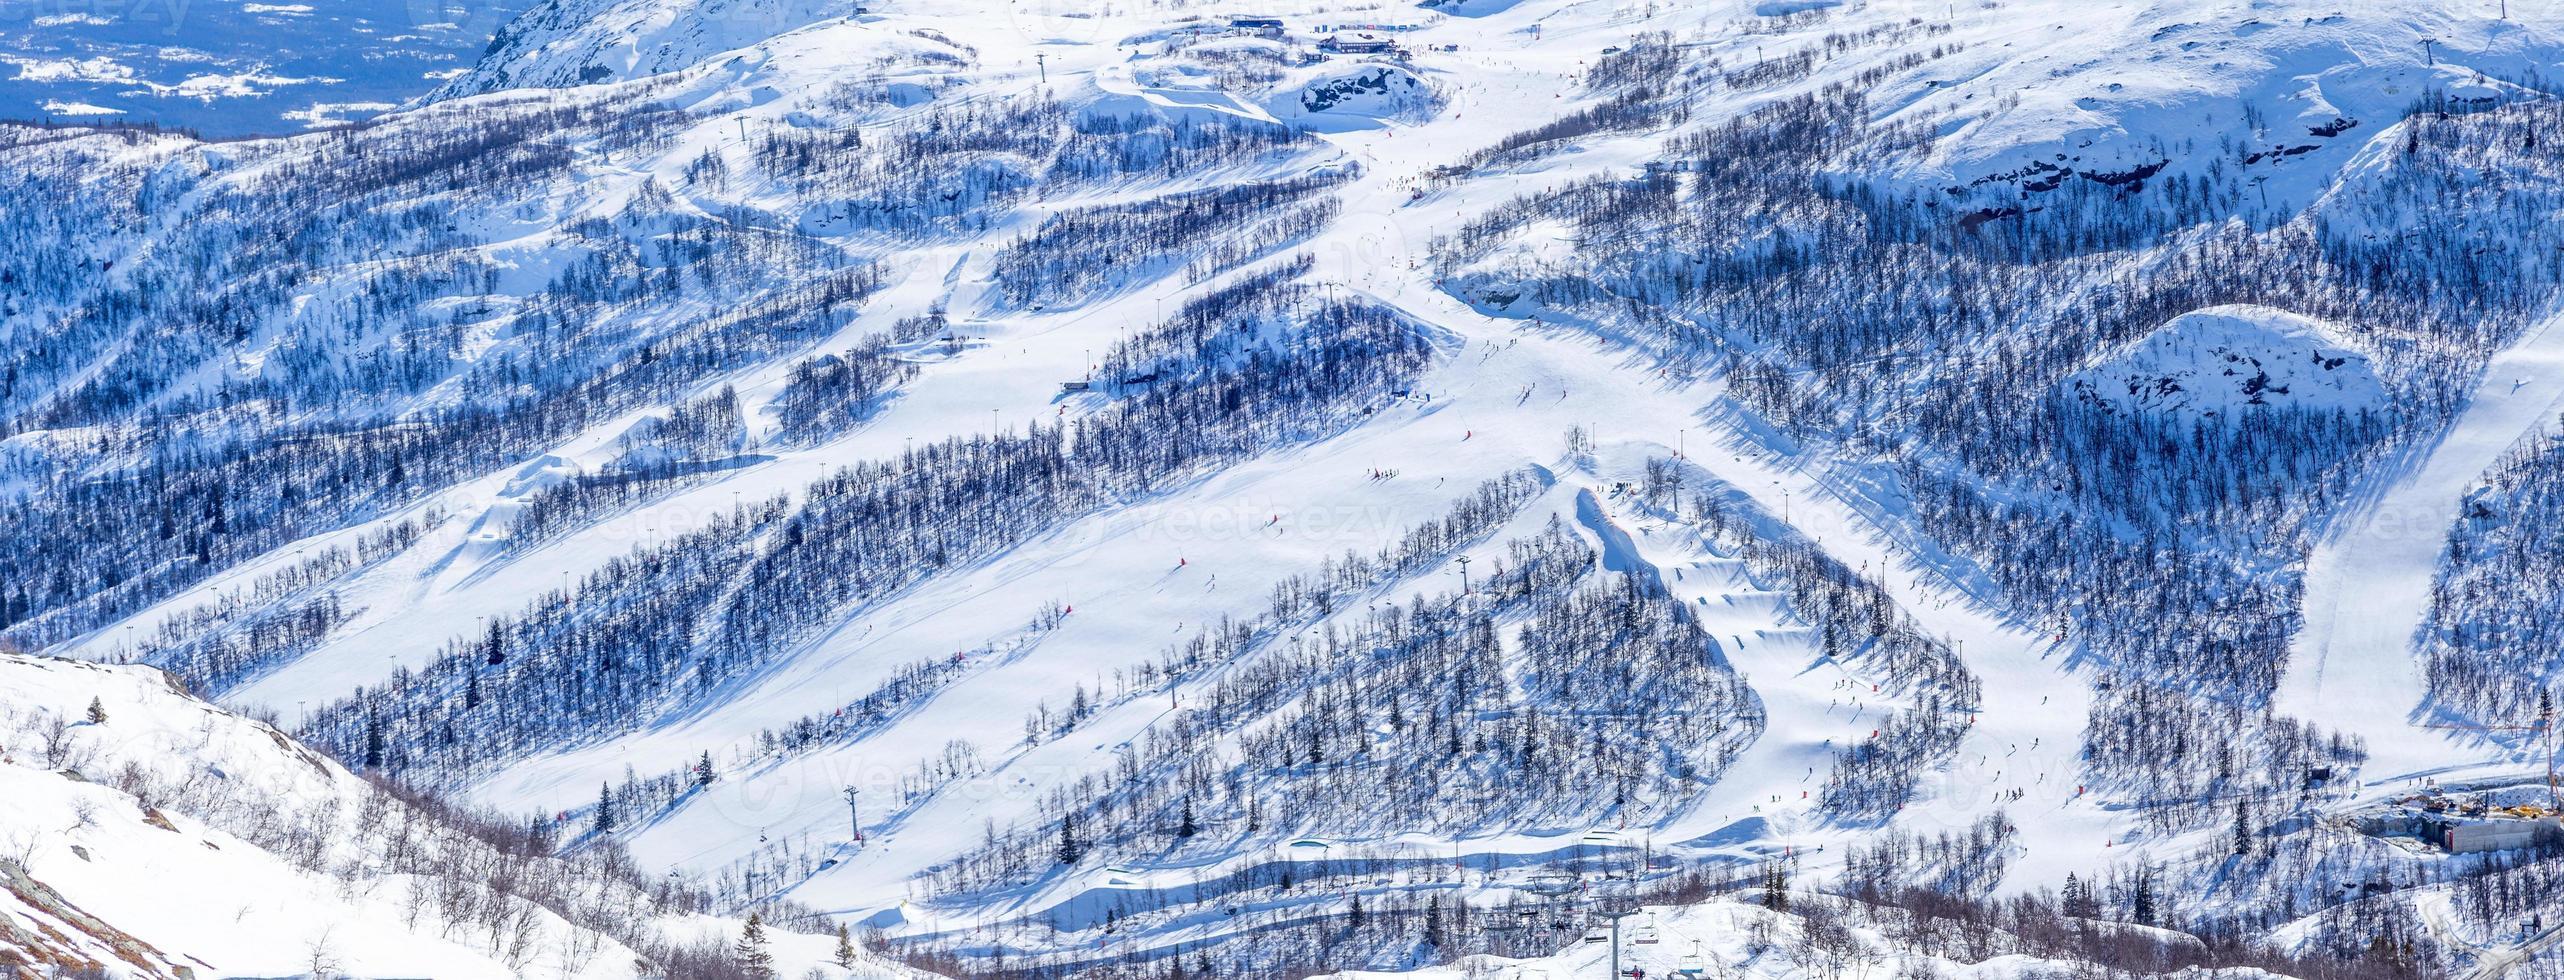 pistas de esqui em hemsedal foto